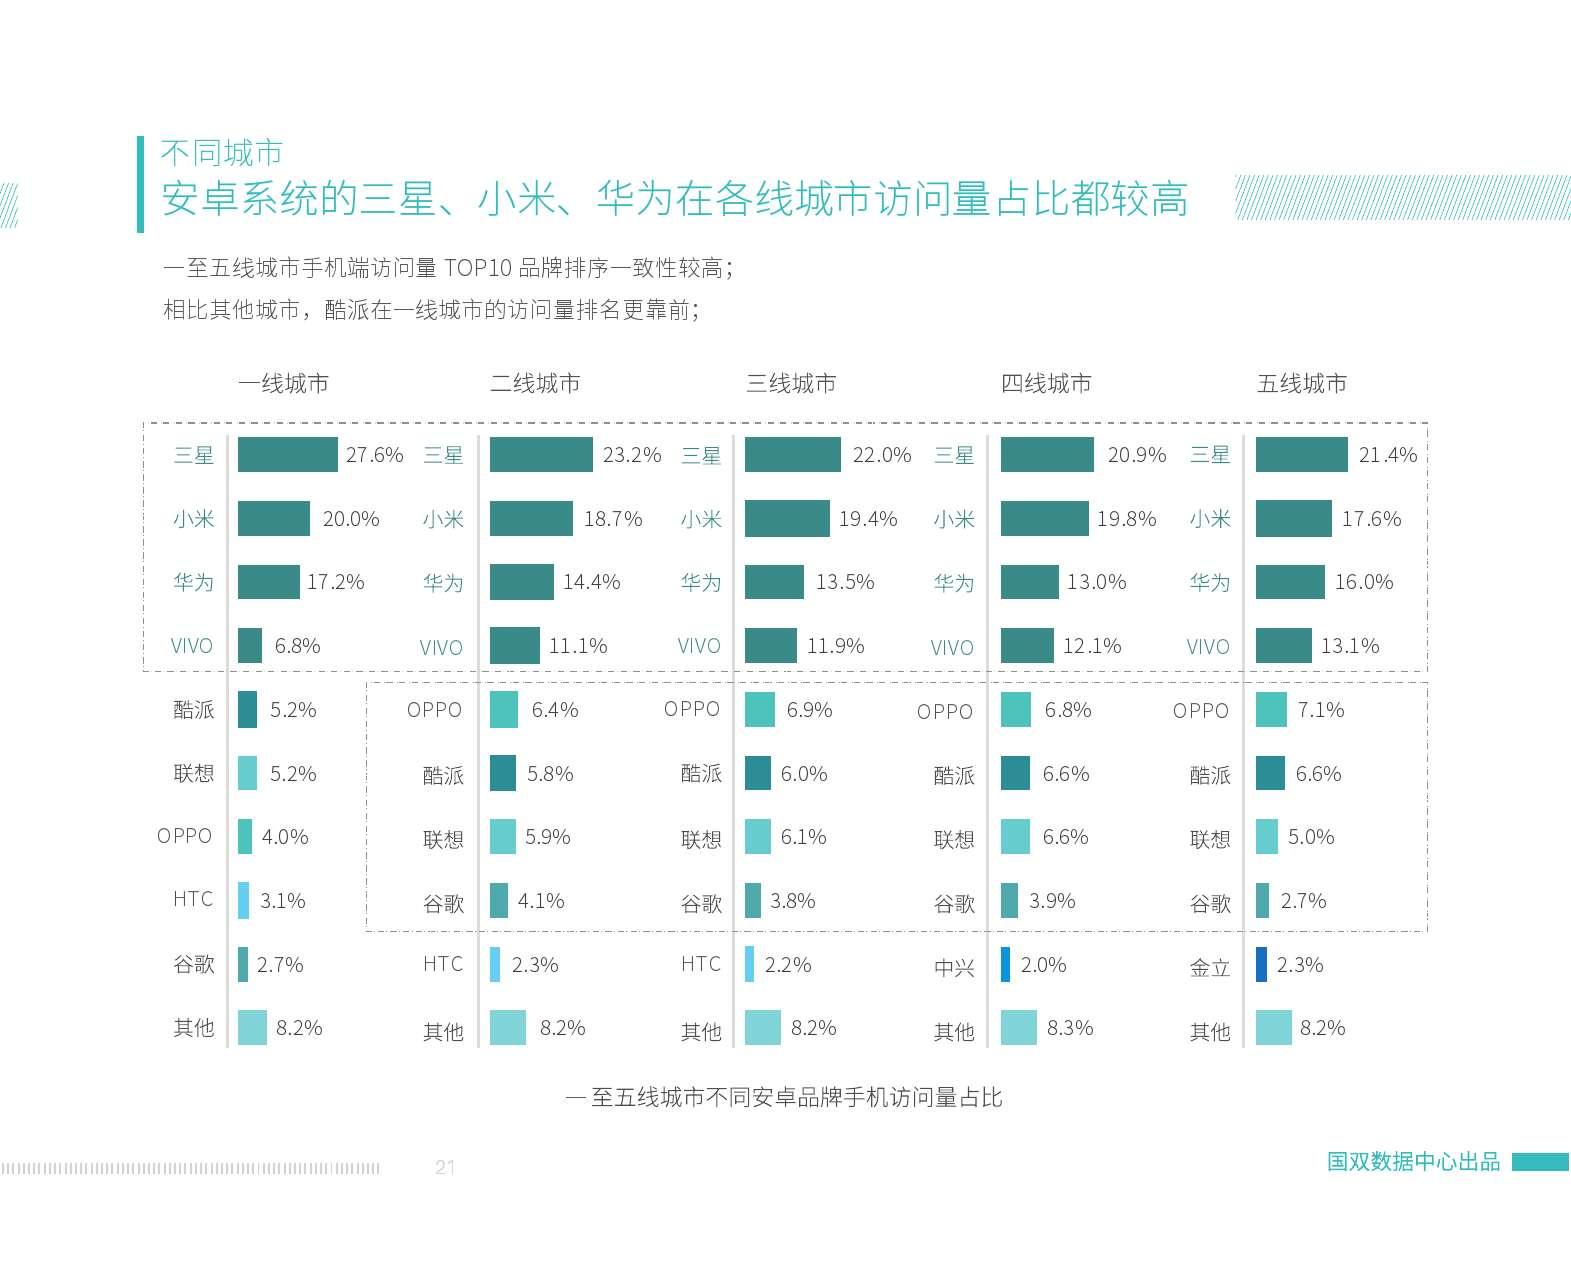 2015中国互联网发展报告_000023